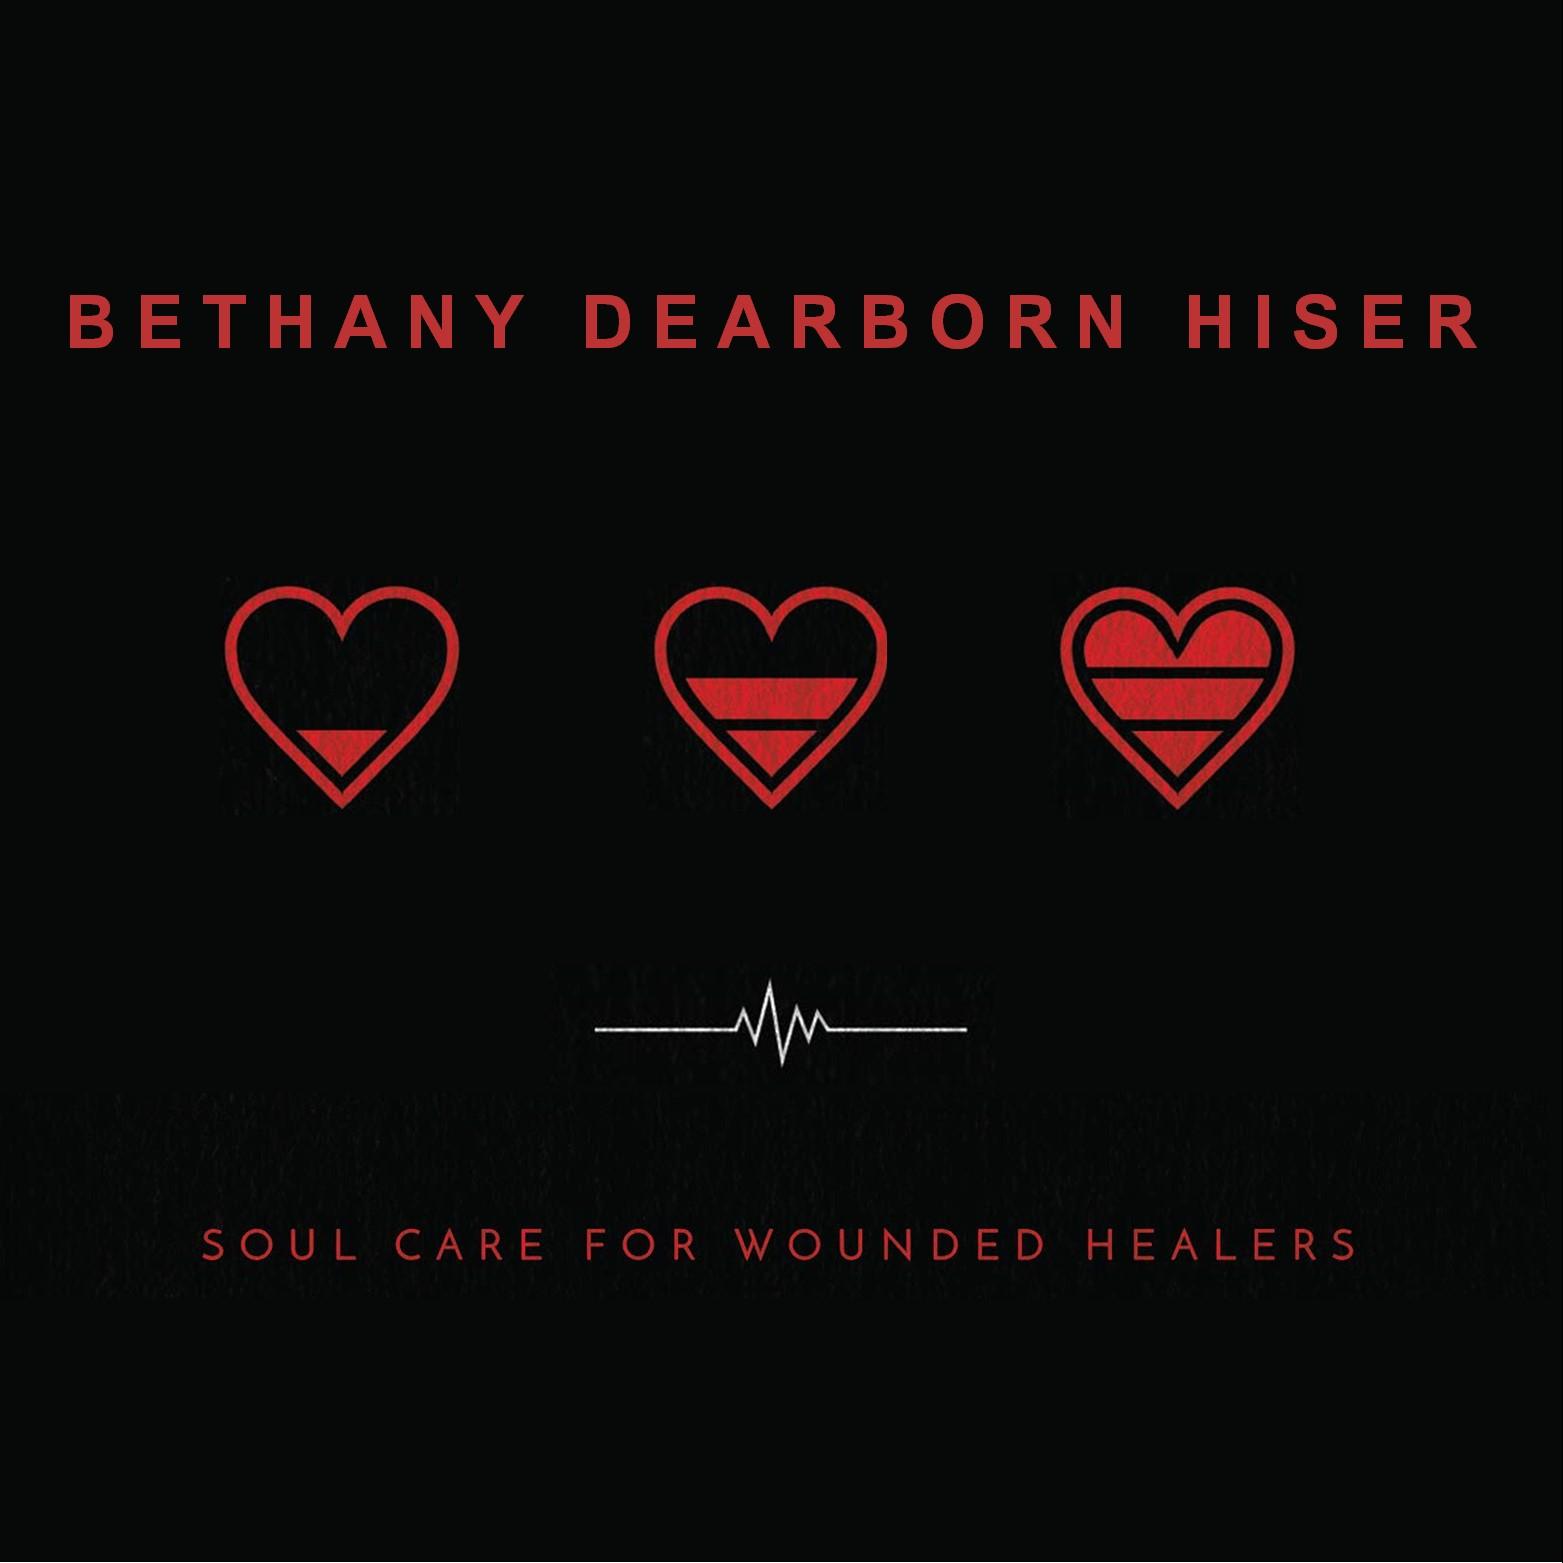 Bethany Dearborn Hiser